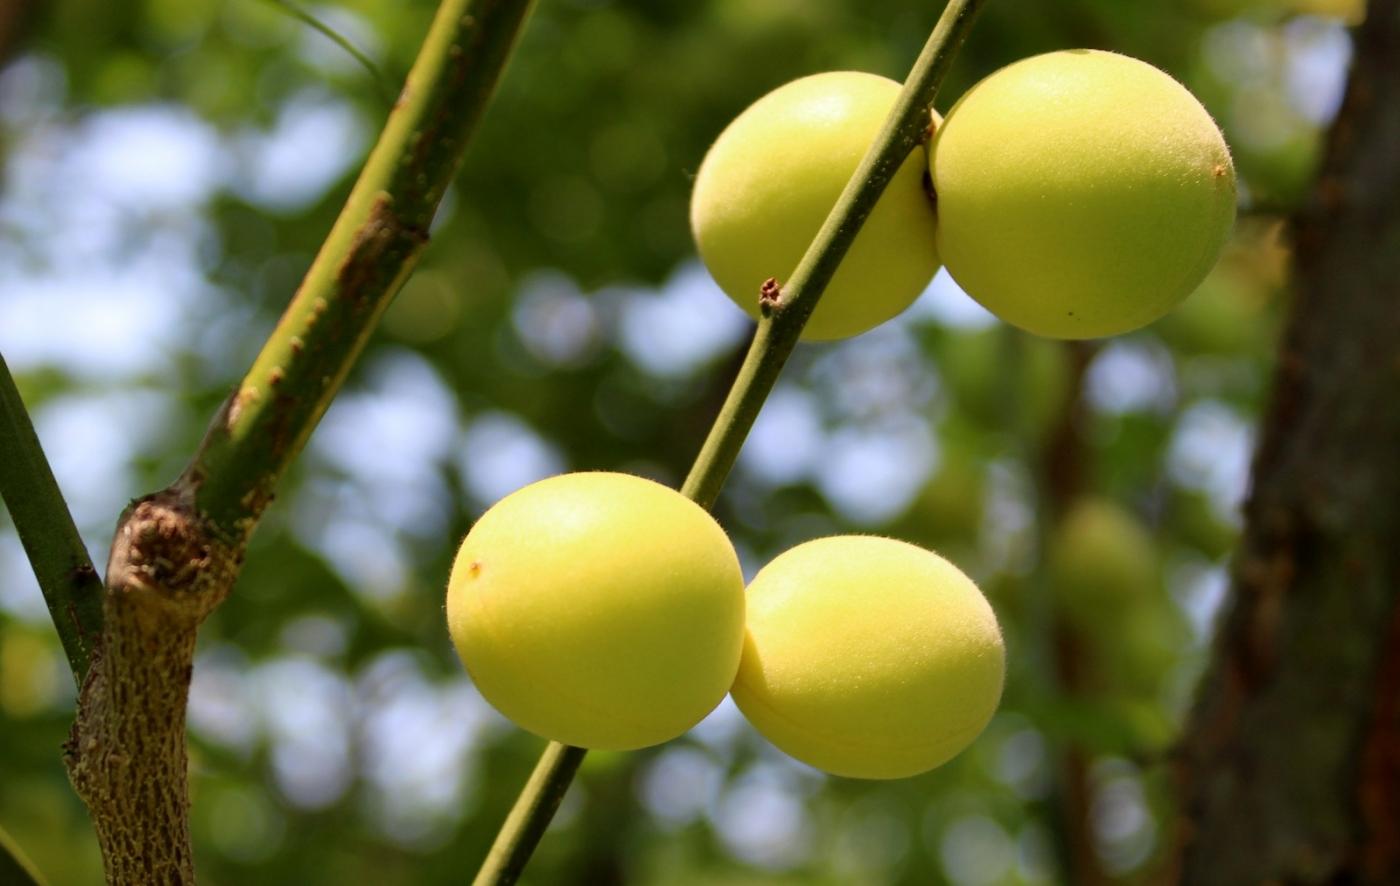 梅花的果实_图1-17